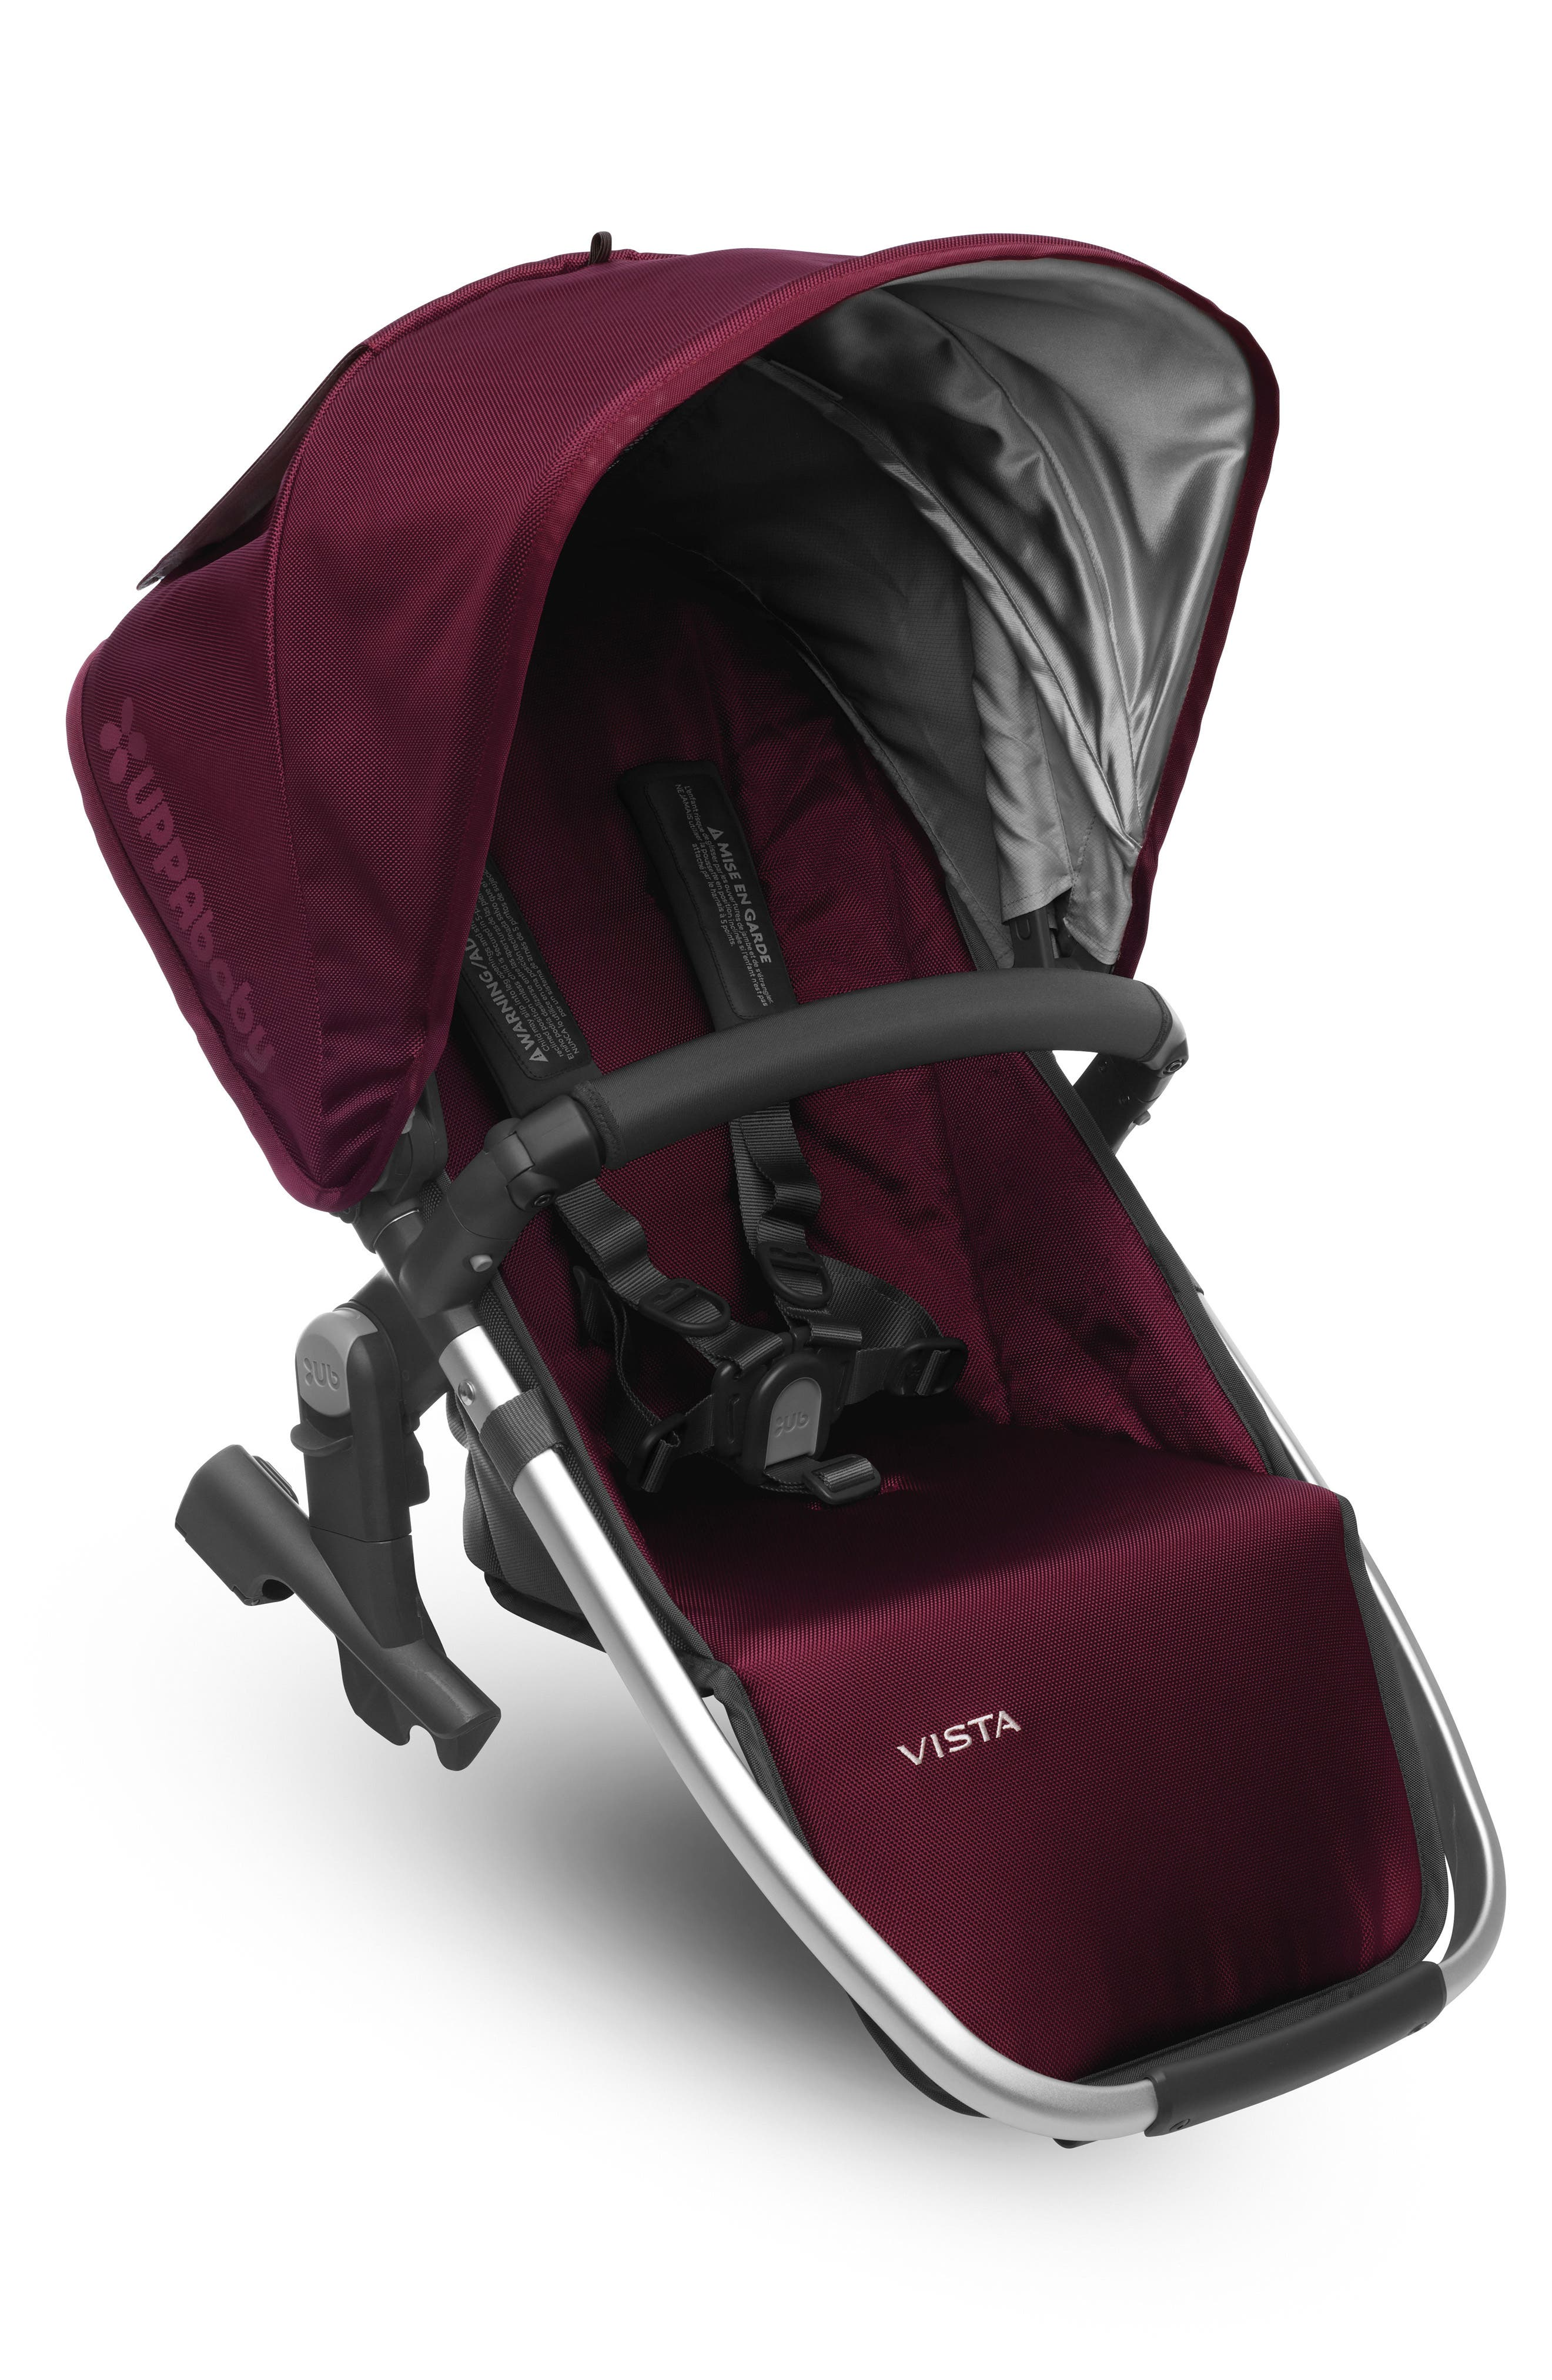 VISTA Stroller Rumble Seat,                         Main,                         color, Bordeaux/ Silver